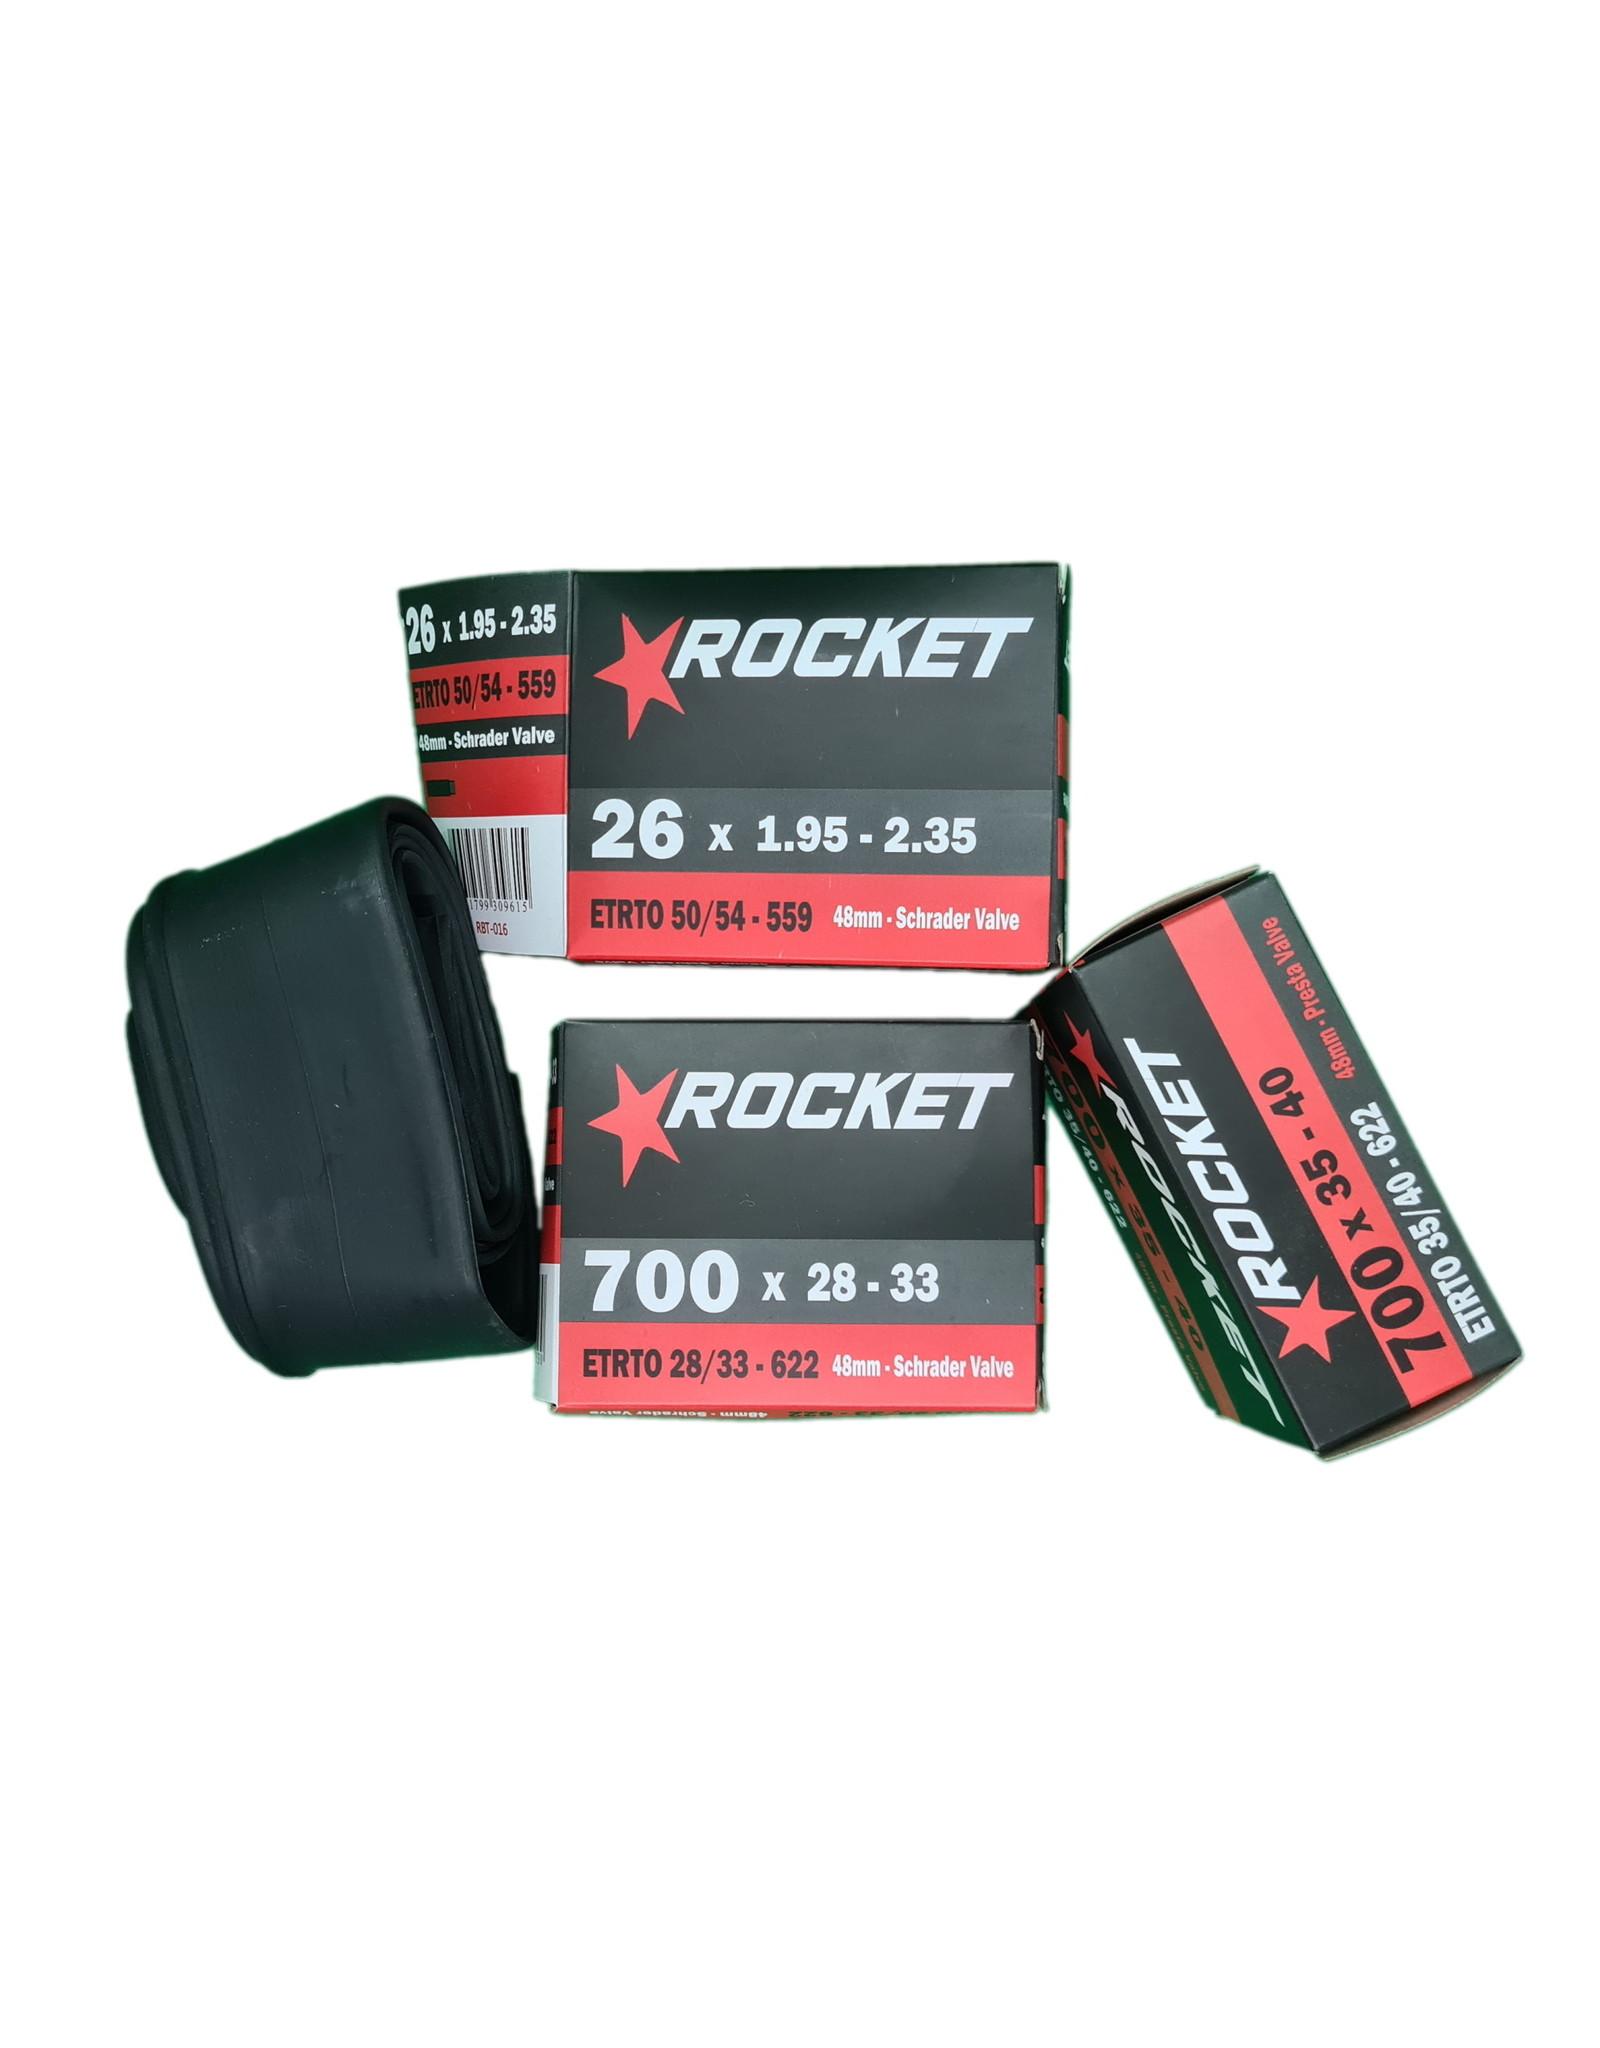 Rocket Tube 700 x 28/32 Schrader Valve